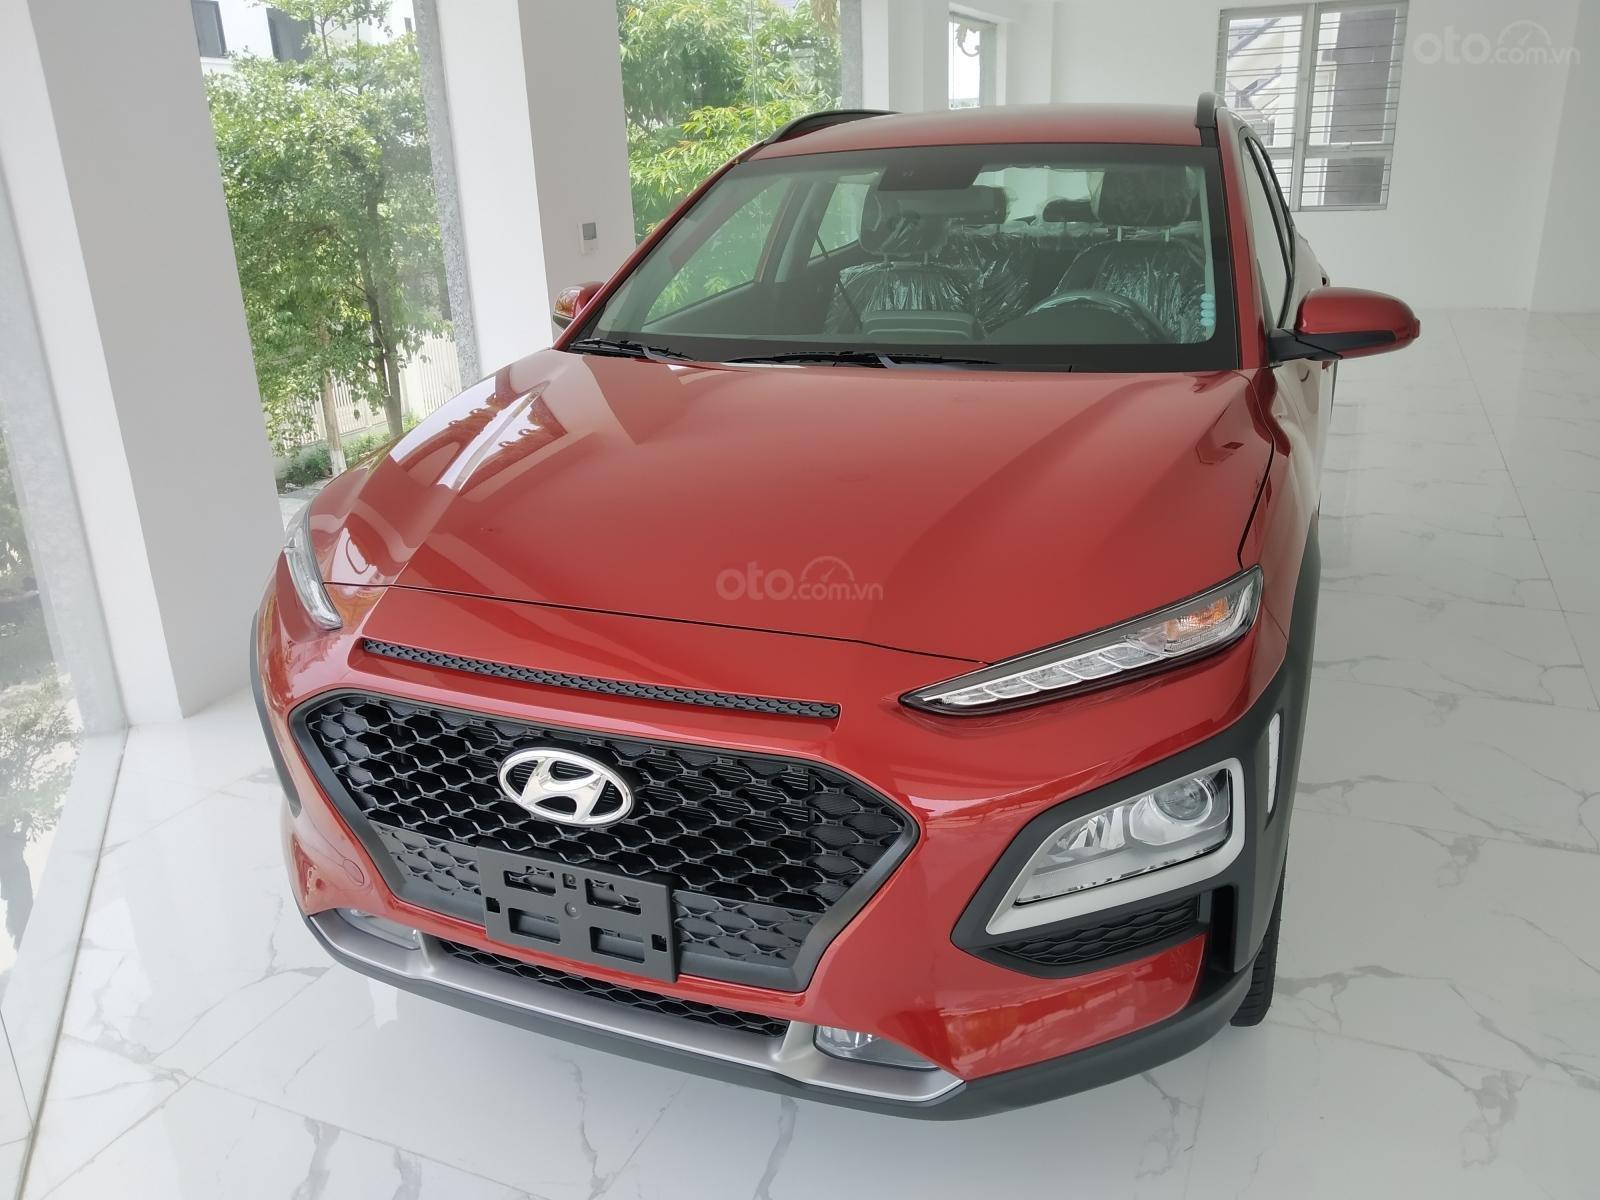 Hyundai Kona AT 2.0 giá cực kì ưu đãi lên tới 20tr, hỗ trợ trả góp nên đến 85% giá xe, cùng nhiều phụ kiện hấp dẫn tháng 9 (2)